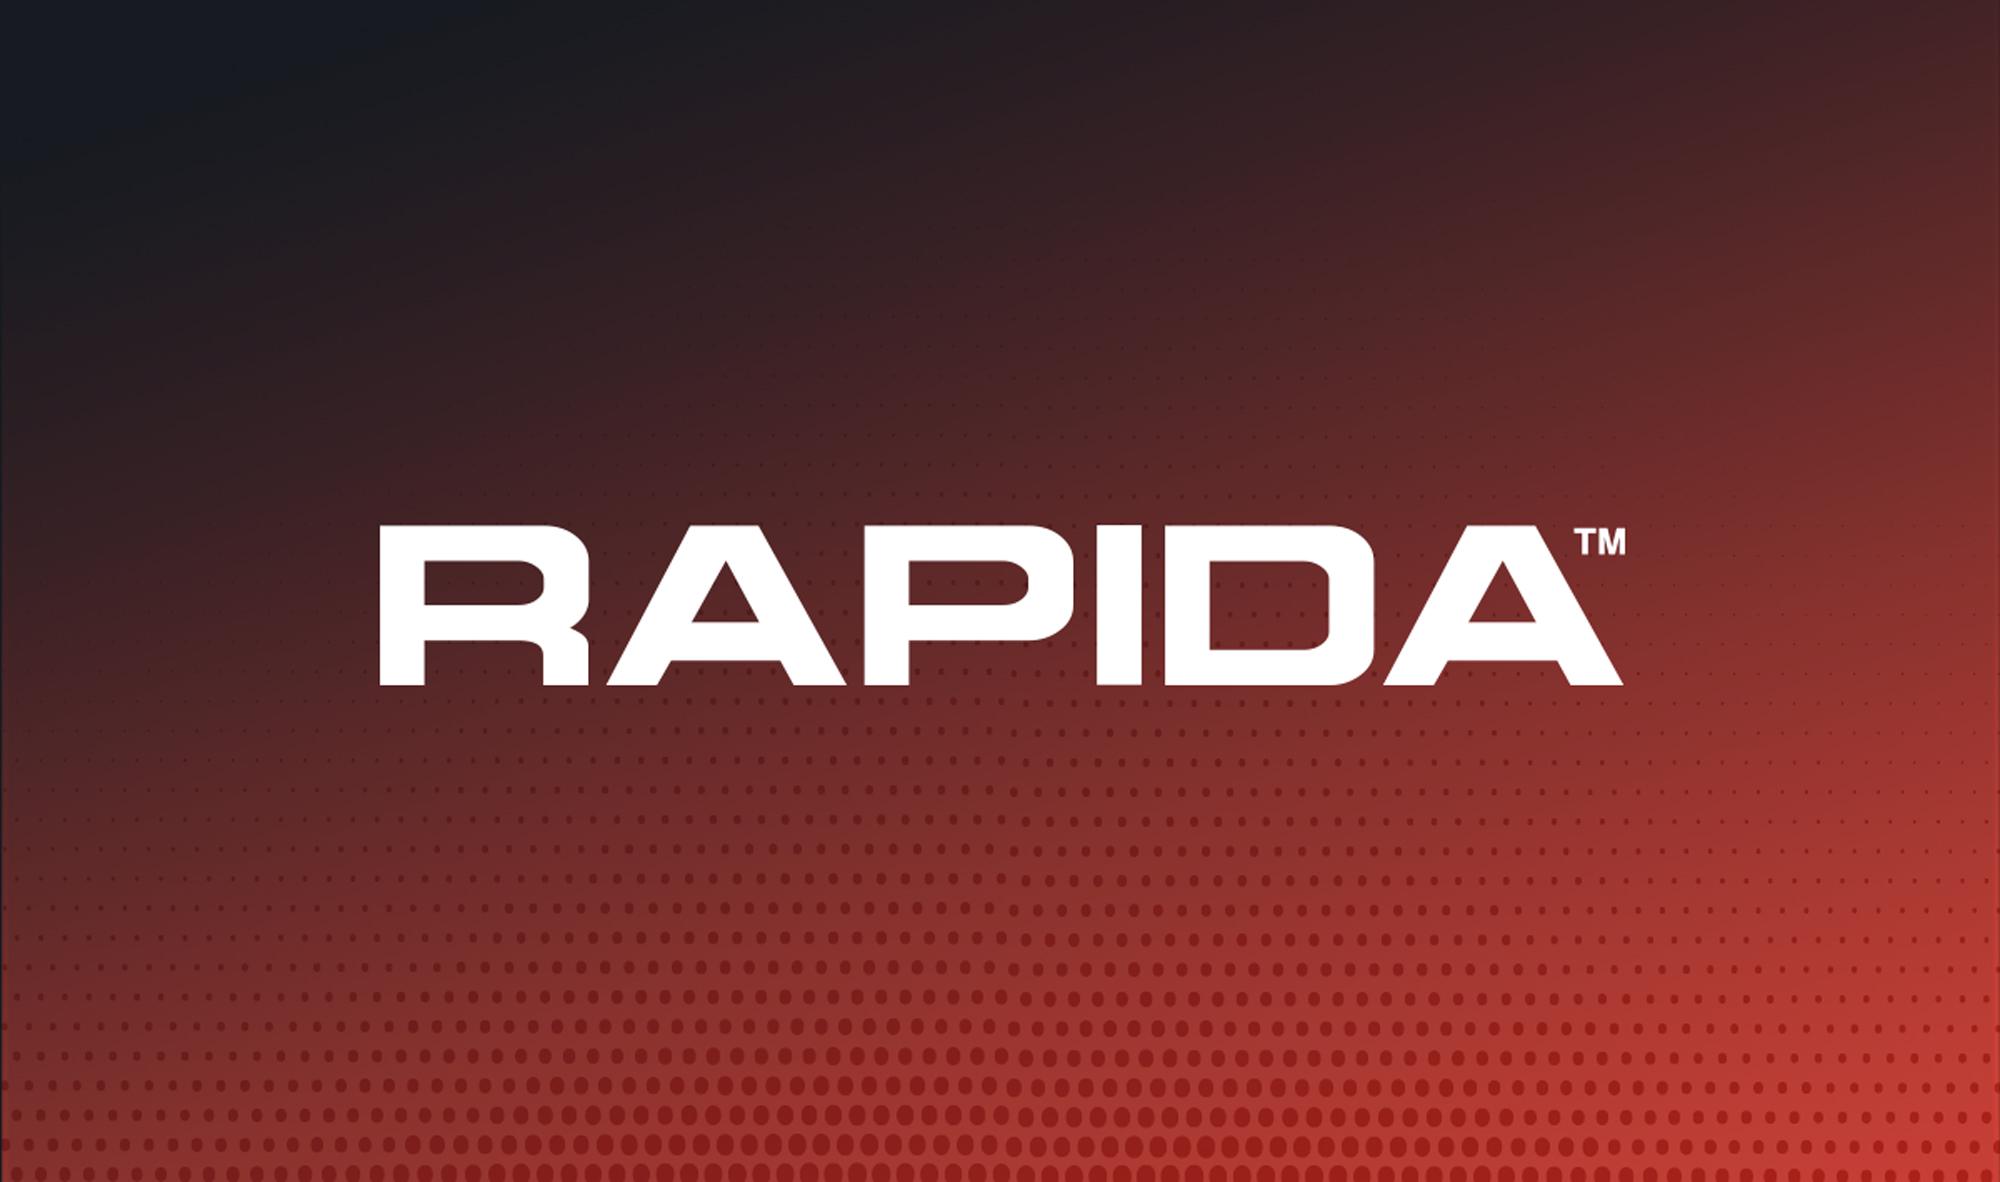 Rapida_Logobilde.jpg